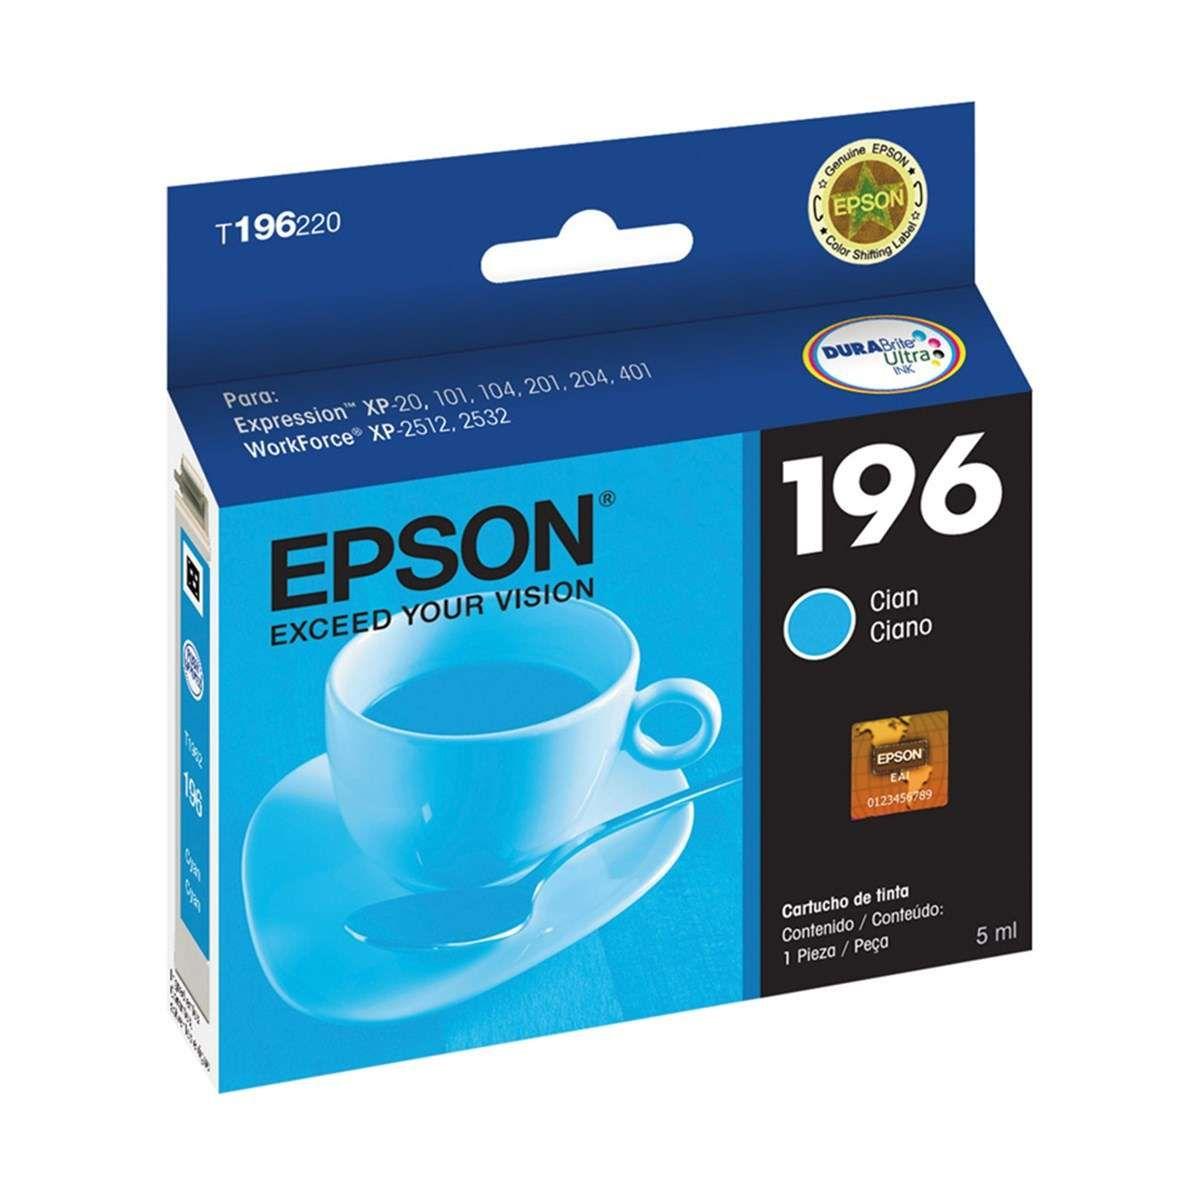 Cartucho de Tinta Epson T196220-BR Ciano 4 ml